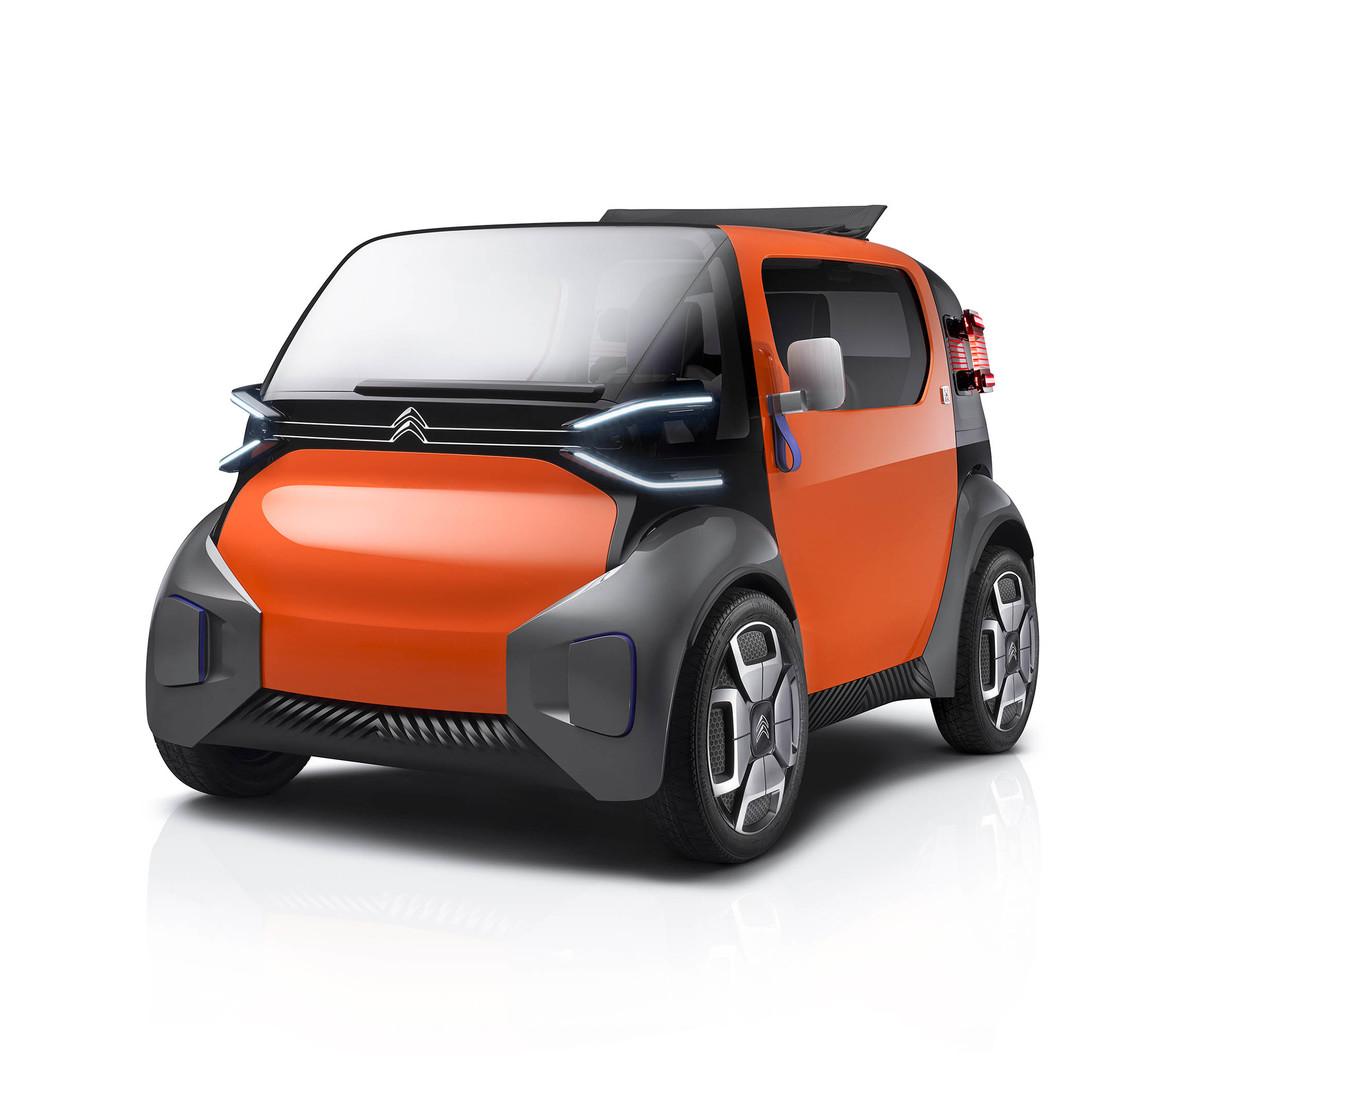 Coche Eléctrico Sin Carnet Citroën Ami One Objetivo Reinventar La Movilidad Urbana